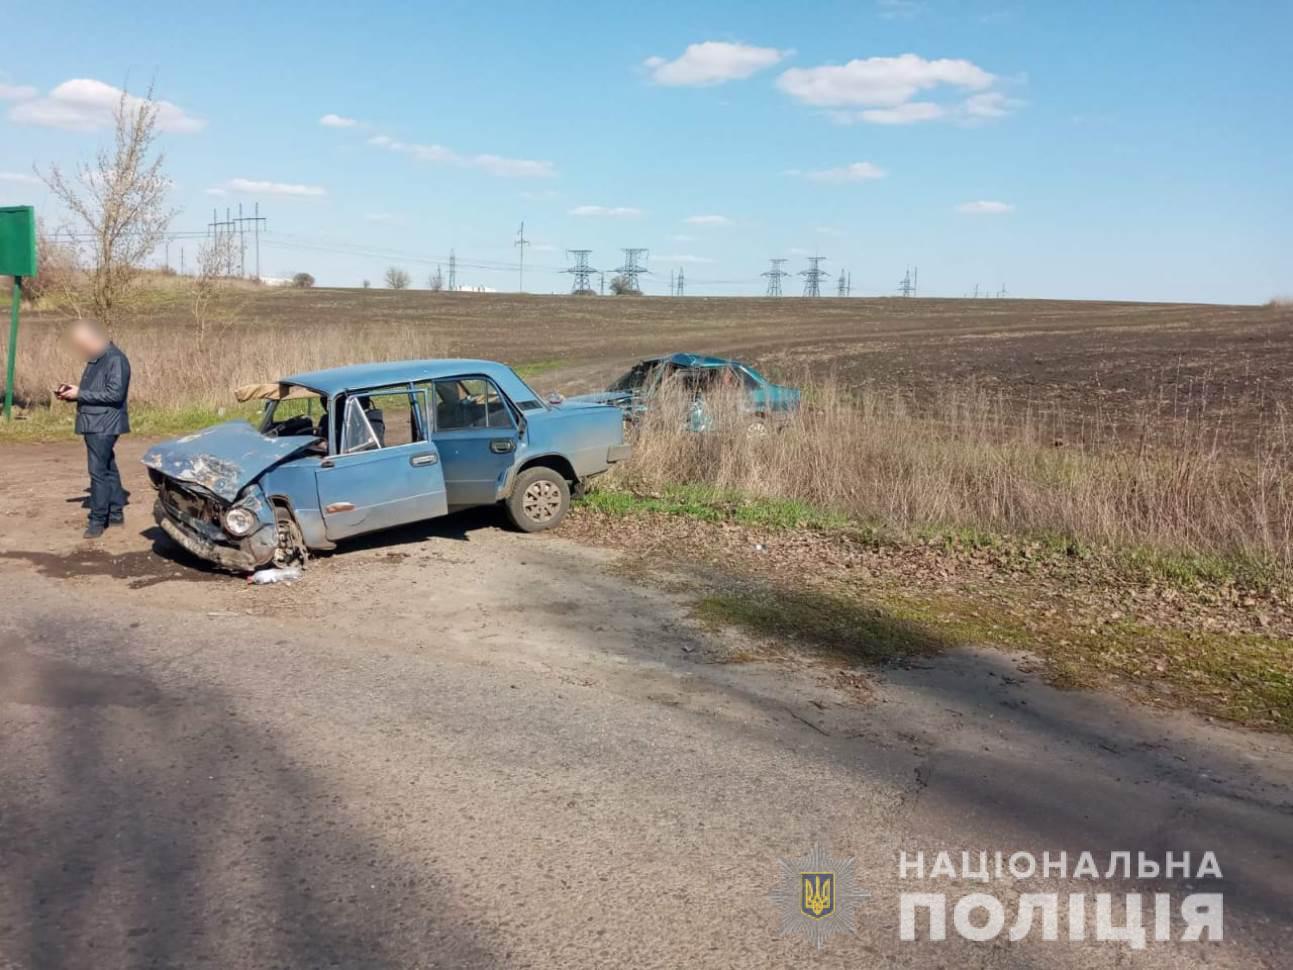 ДТП під Харковом: зіткнулися два ВАЗа, є постраждалі (ФОТО)